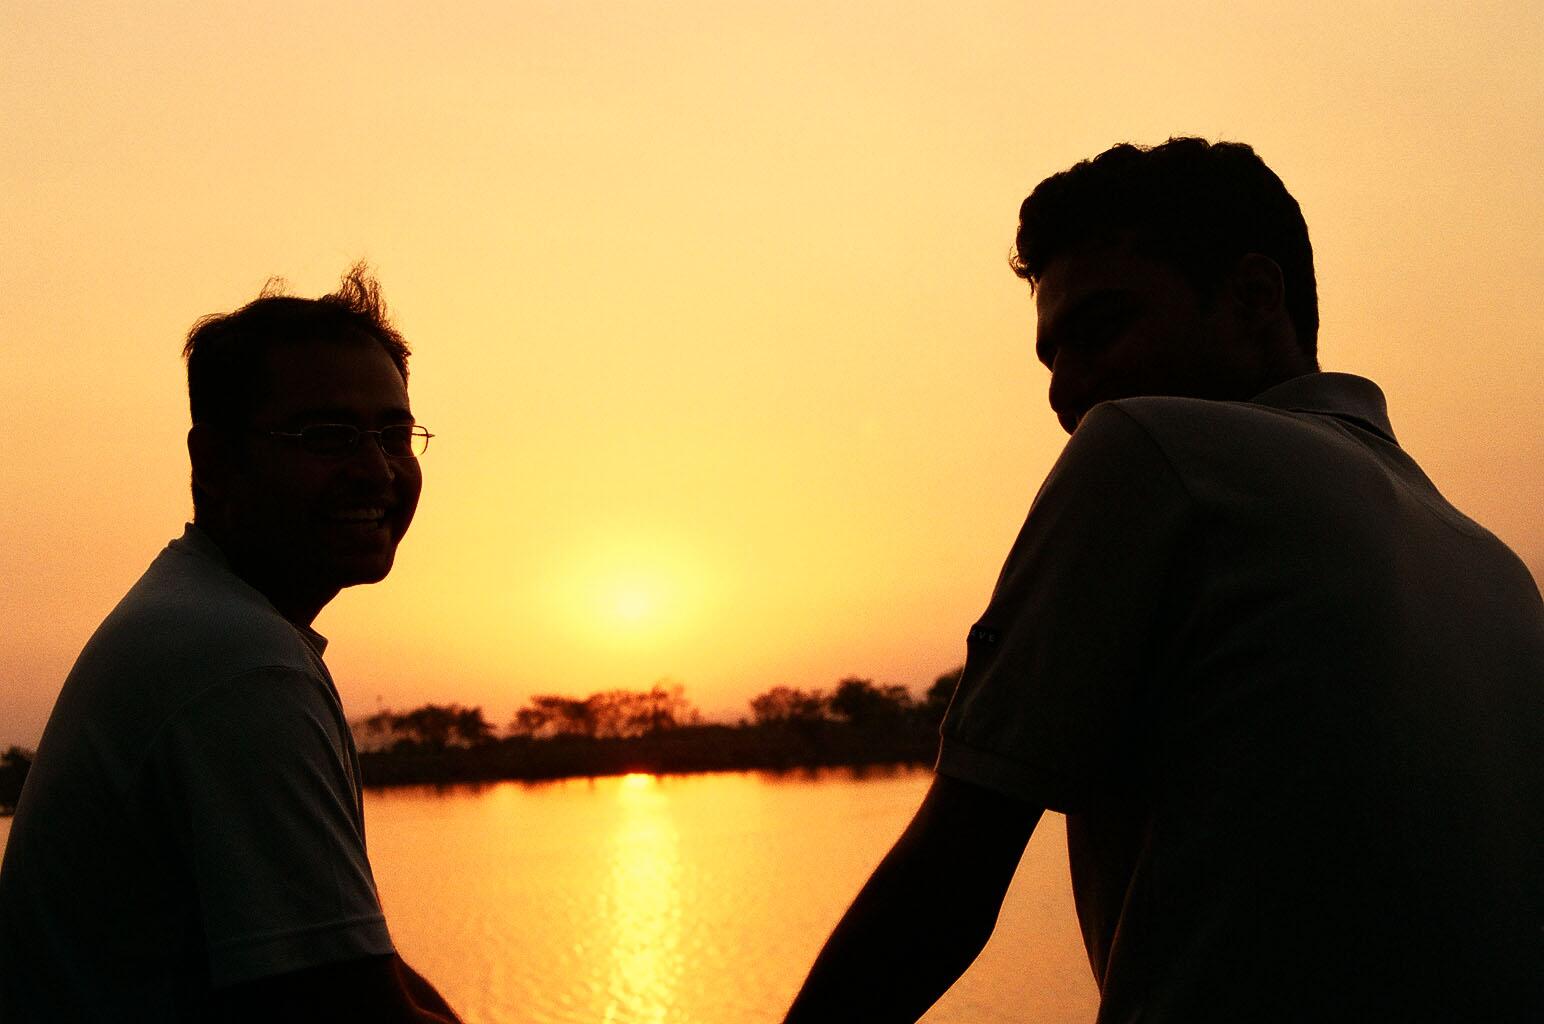 بالصور تعبير عن الصديق , كلمات عن الصداقة رائعة للغاية 3072 4